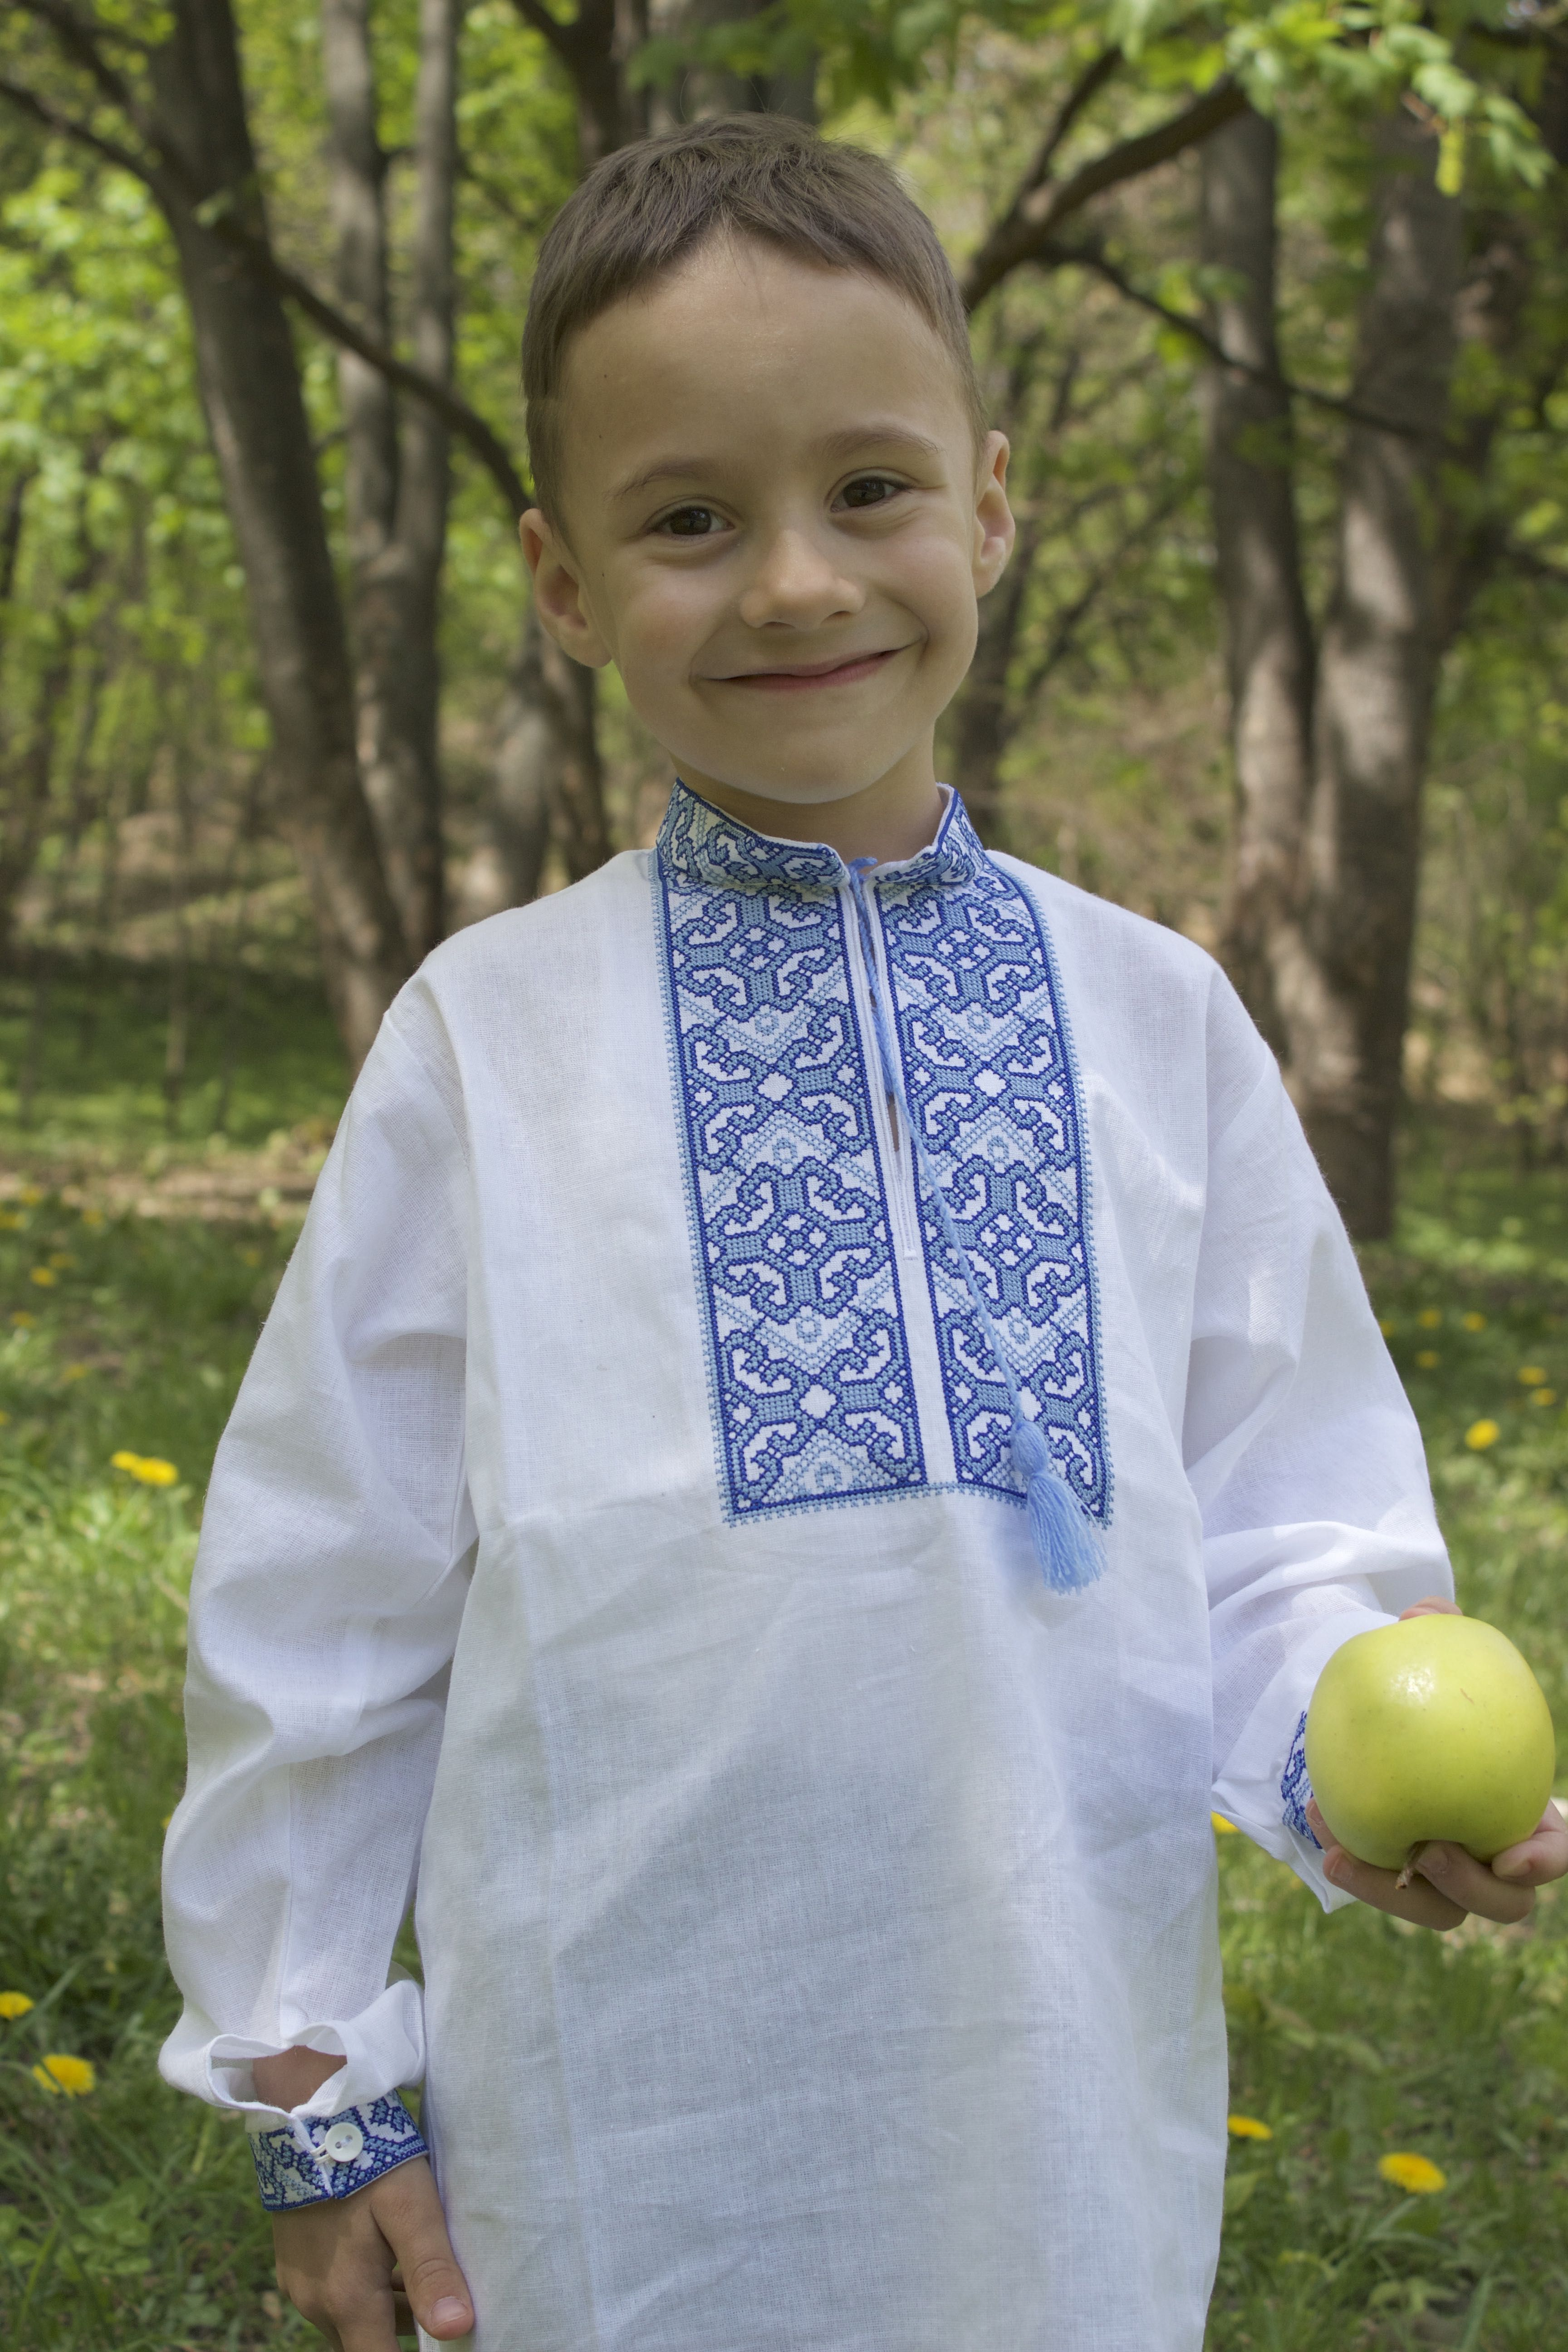 fe95dadd1f85cb Вишиванки з натурального льону для хлопчиків та дівчаток krainavyshyvki.com